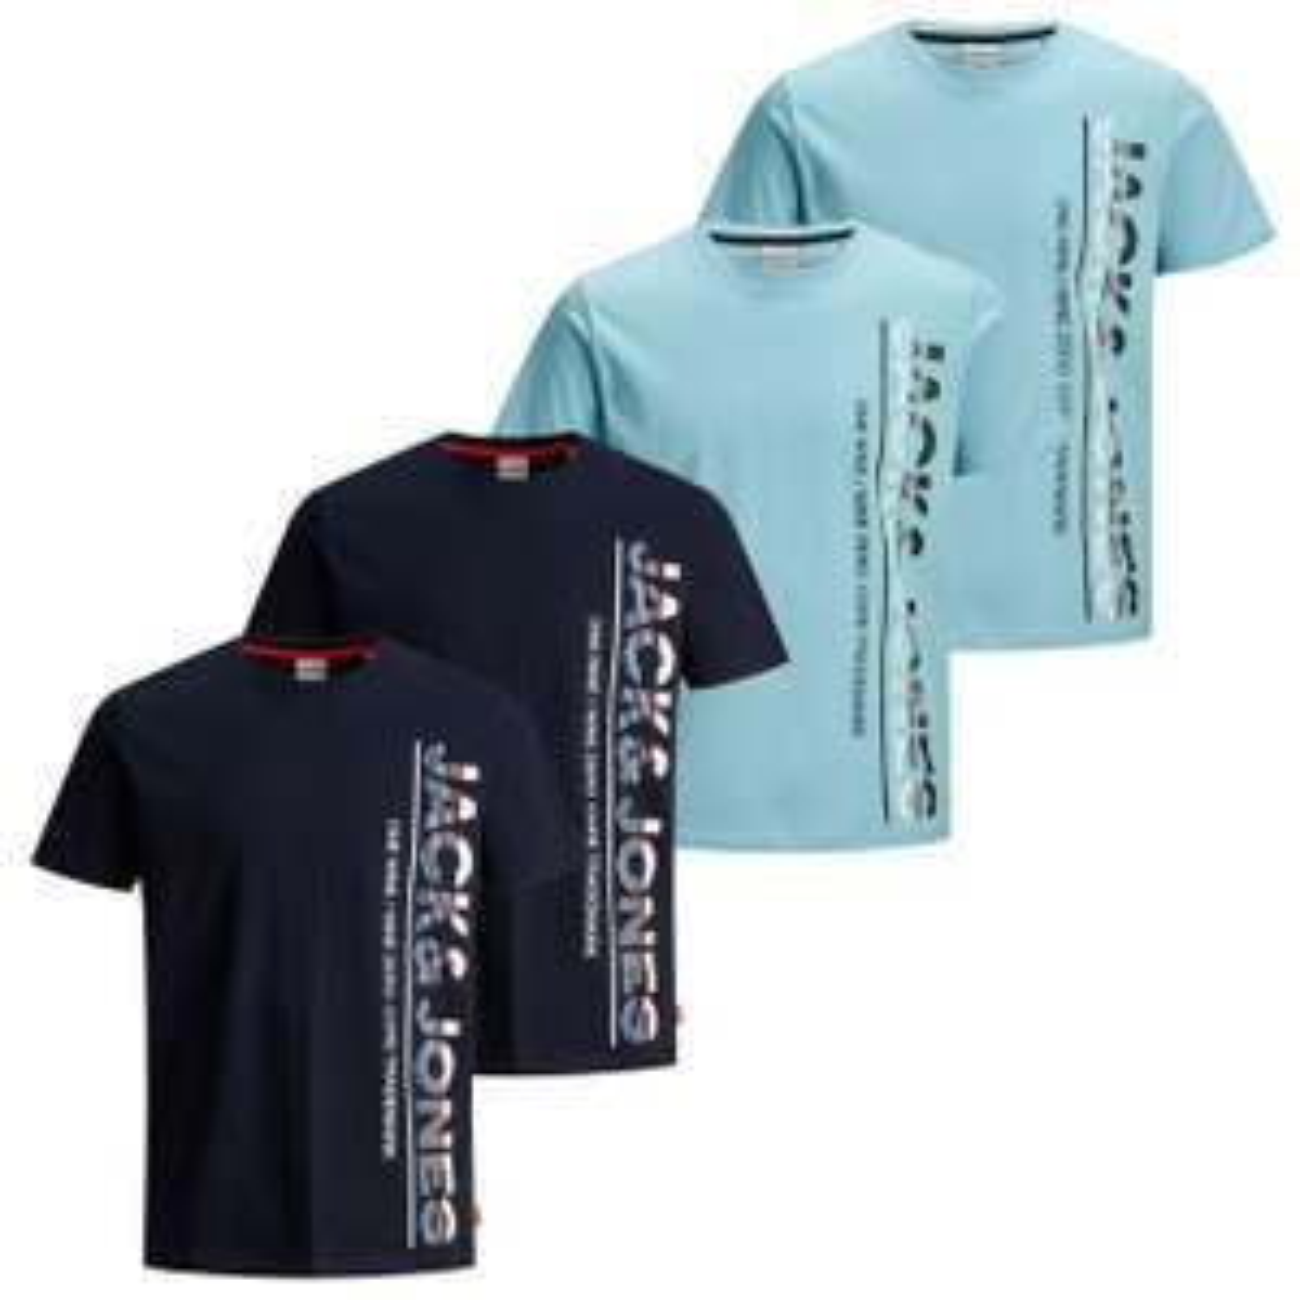 [Jeans Direct] 4er-Packs T-Shirts versch. Marken, zB: Jack & Jones Größen S-L